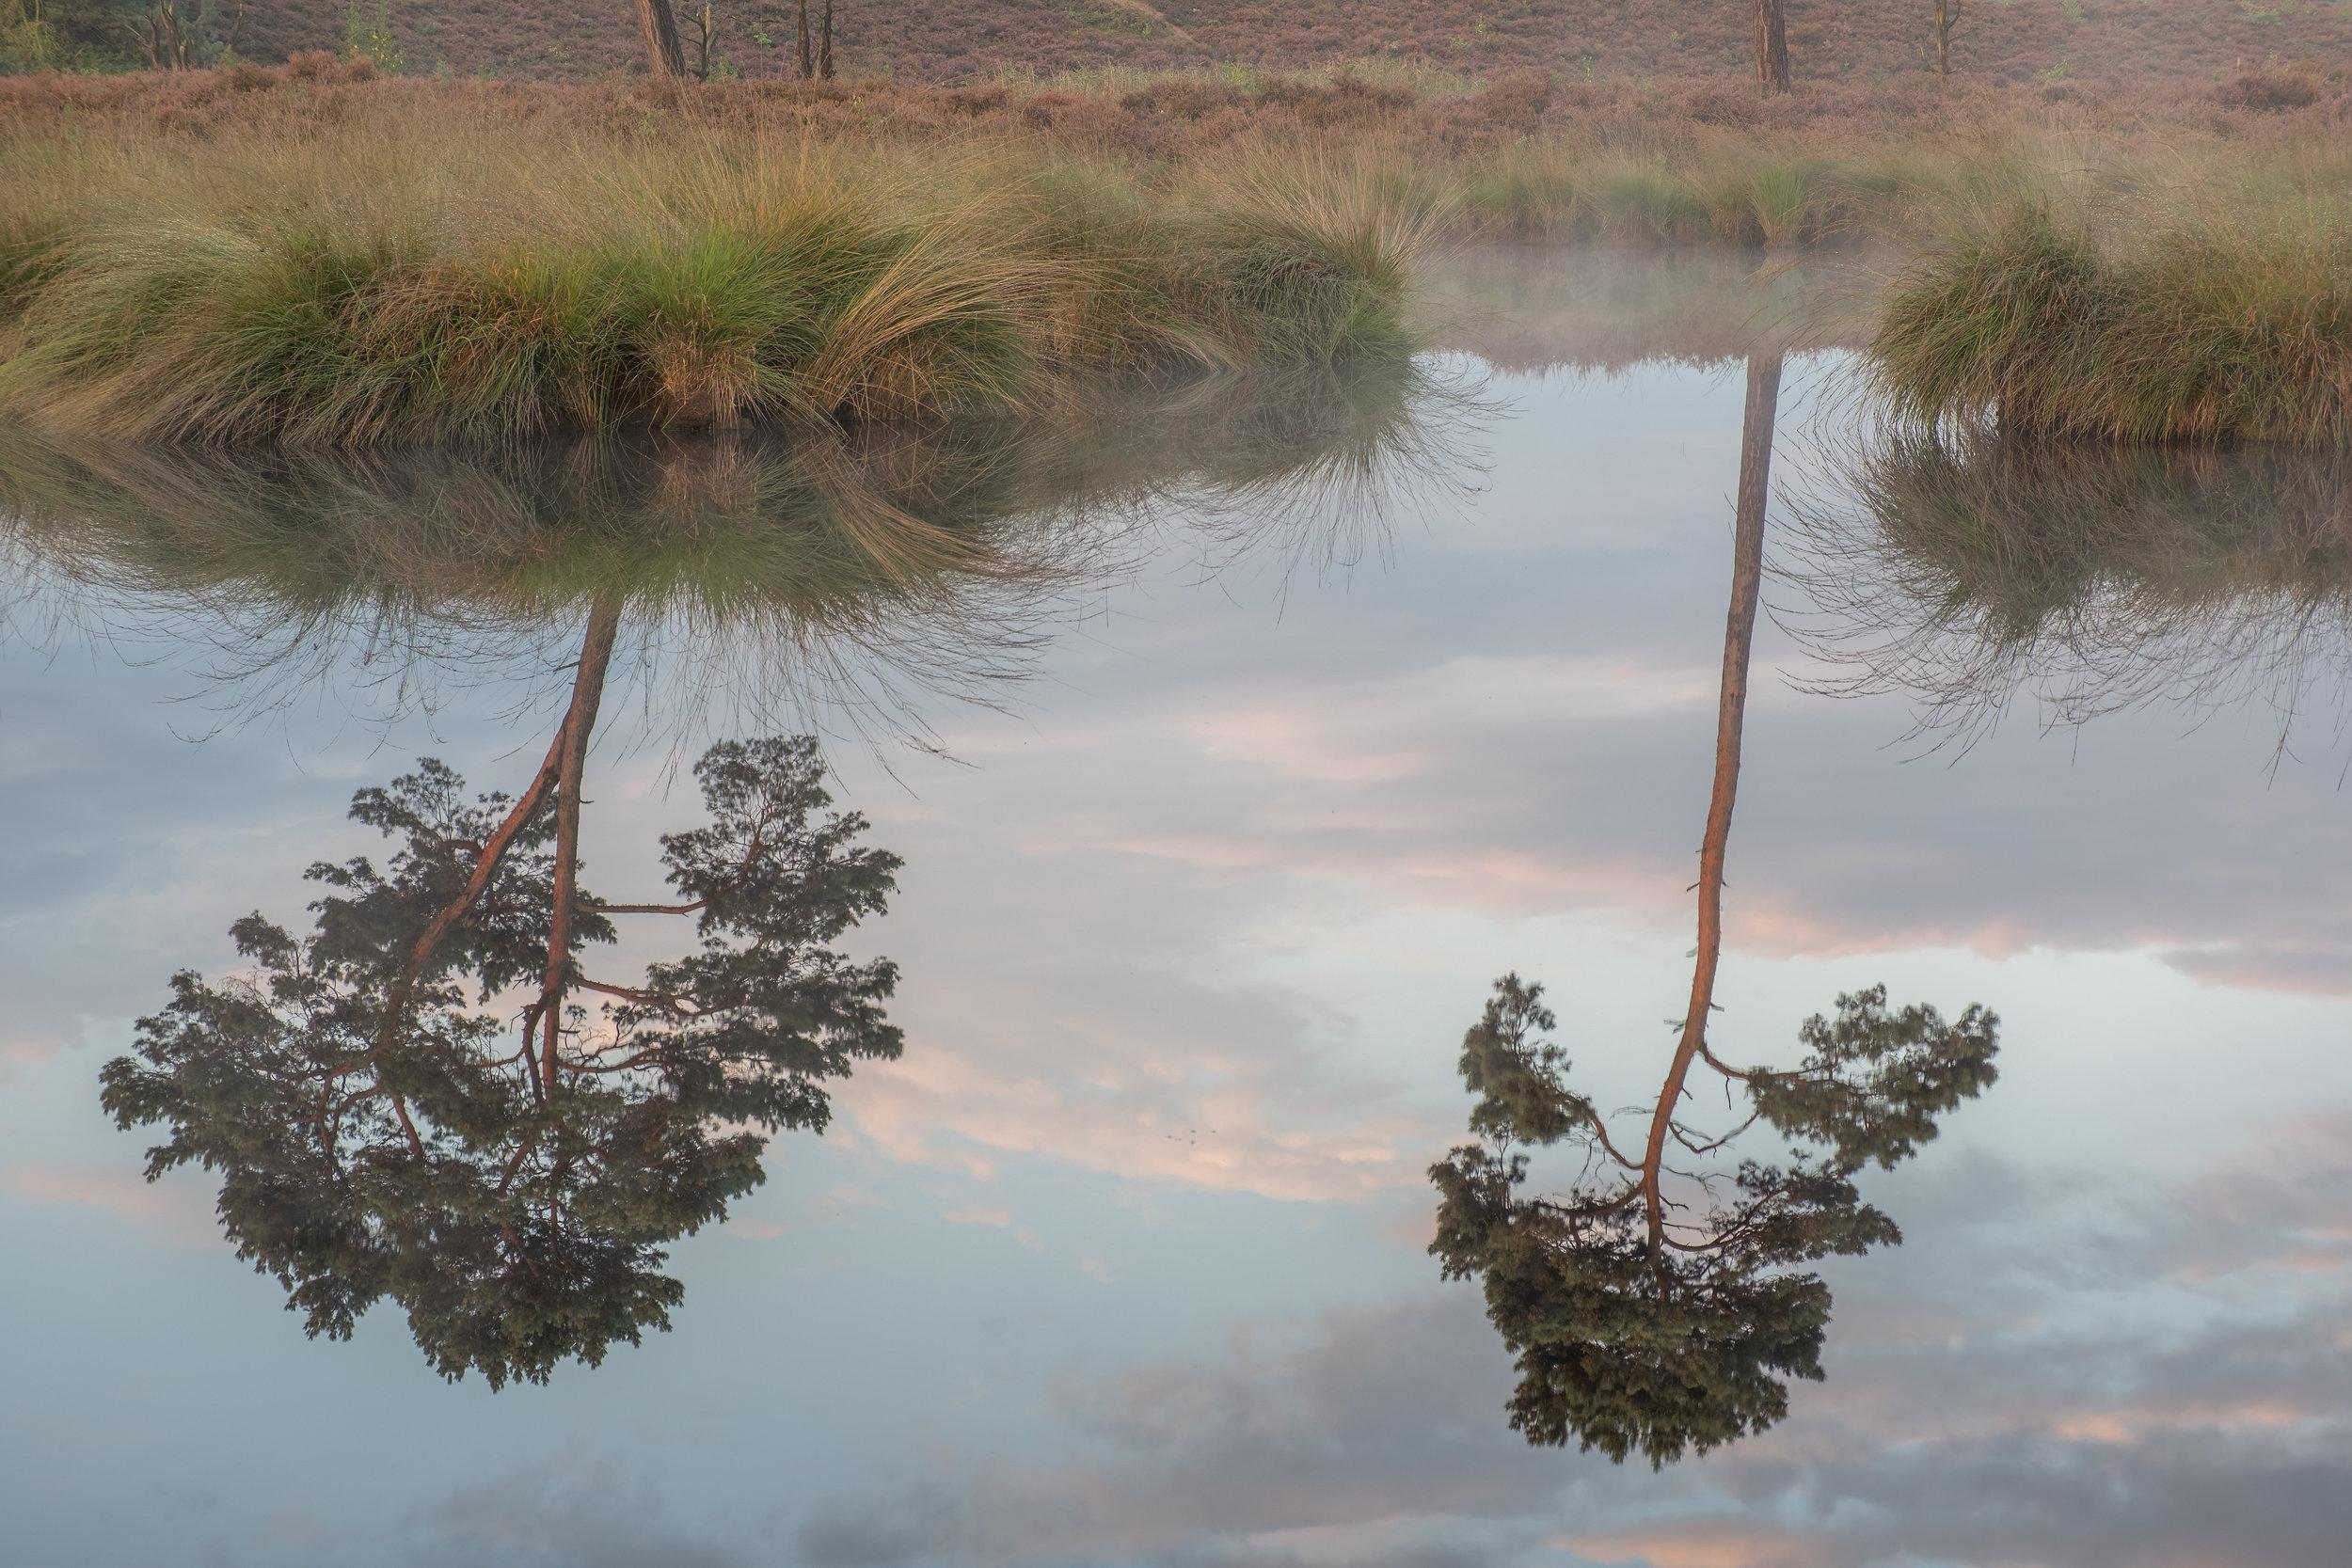 Hatertse Vennen met de karakteristieke bomen gespiegeld in het water; XF18-55mm, iso 200, f11, 1 sec, stop overbelicht, 55mm